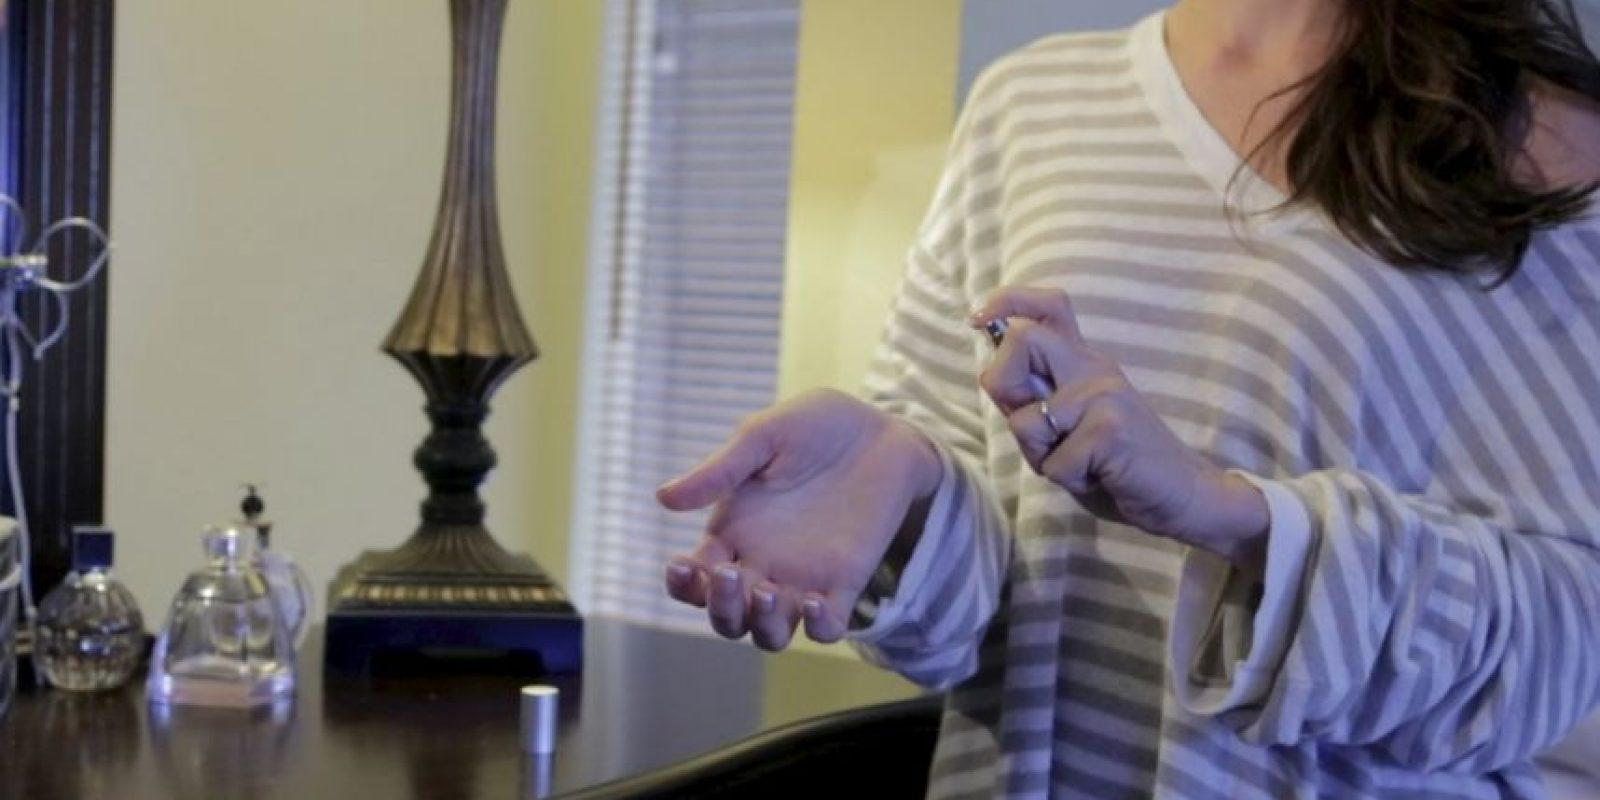 ¿Por qué crees que la gente elige este dispositivo en lugar de otros productos? Foto:Srayable.com